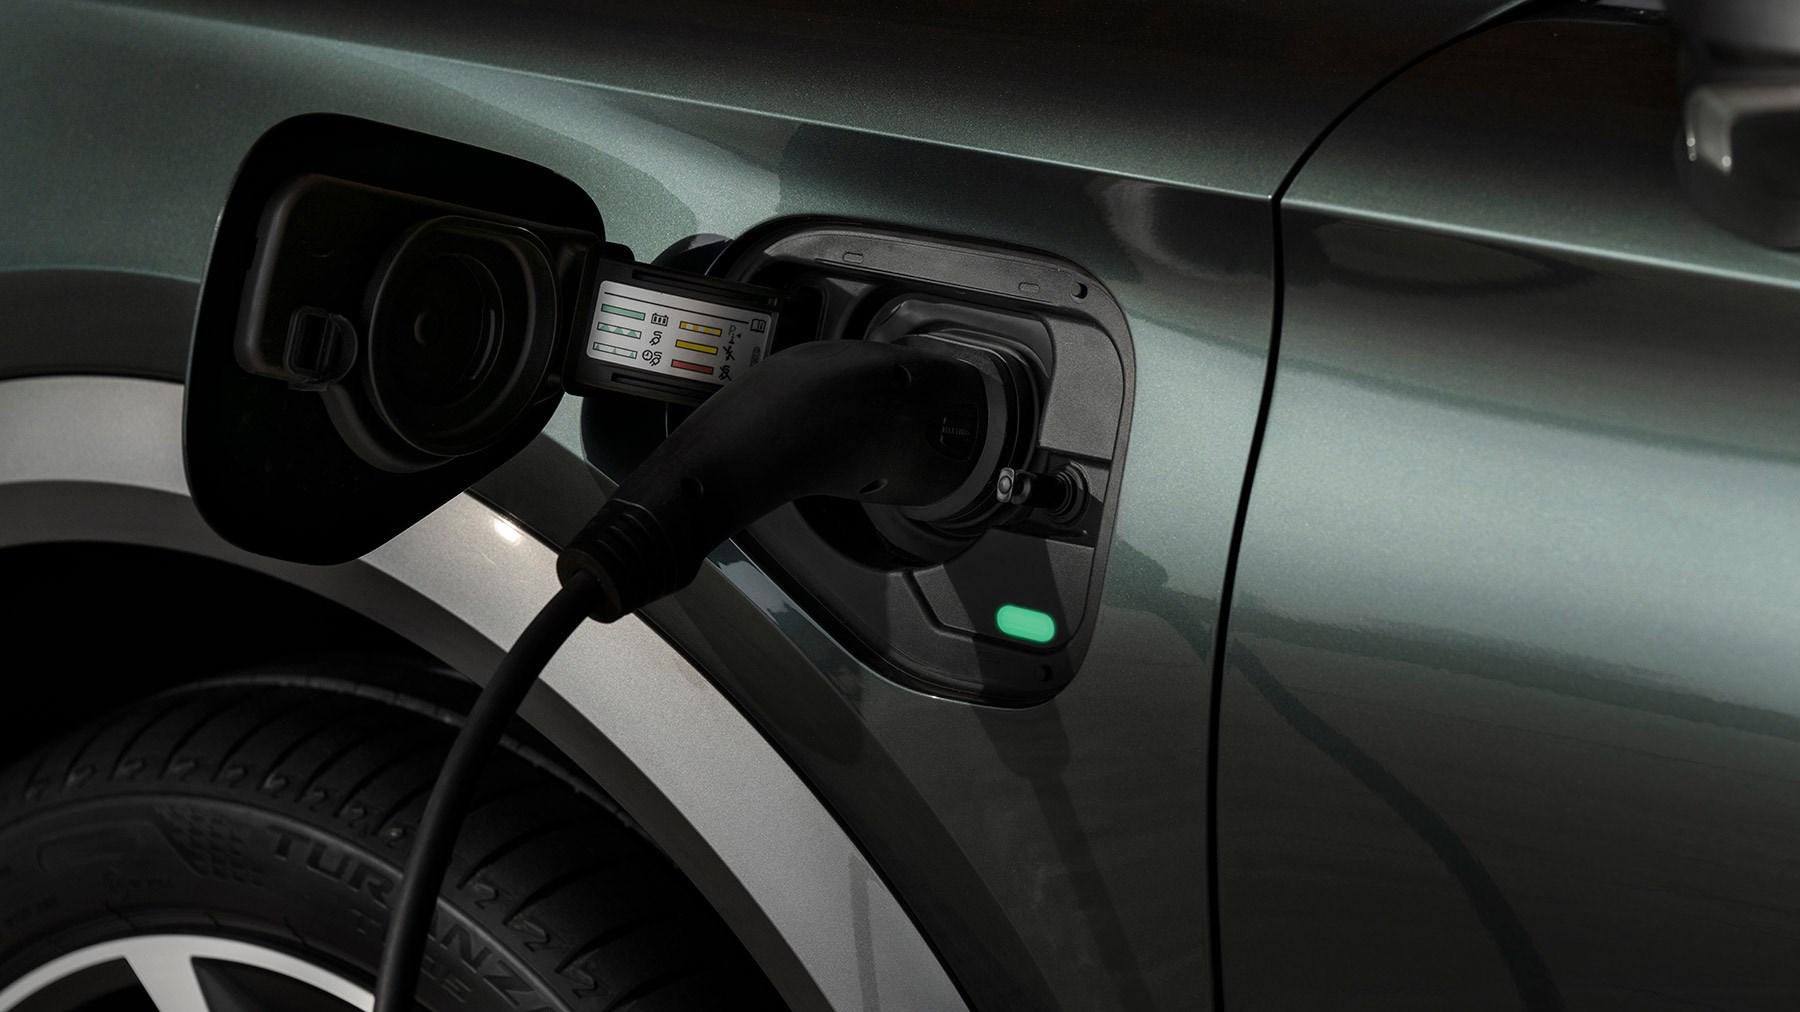 Cupra Formentor E-Hybrid PHEV plug-in hybrid review